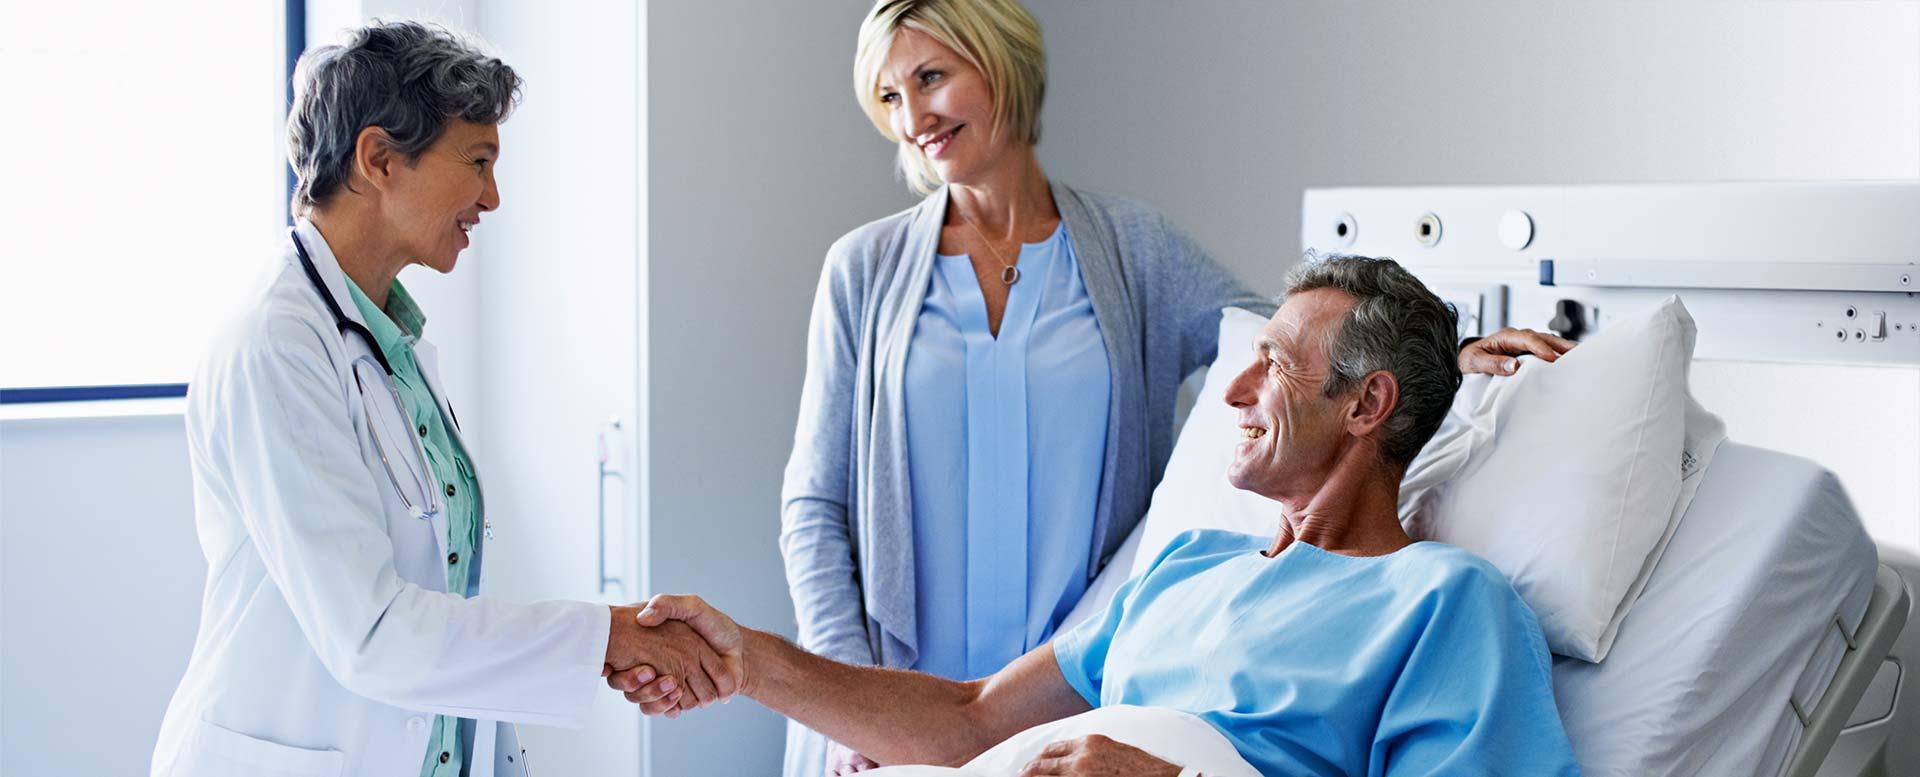 was ist eine krankenhaus zusatzversicherung ergoimpulse